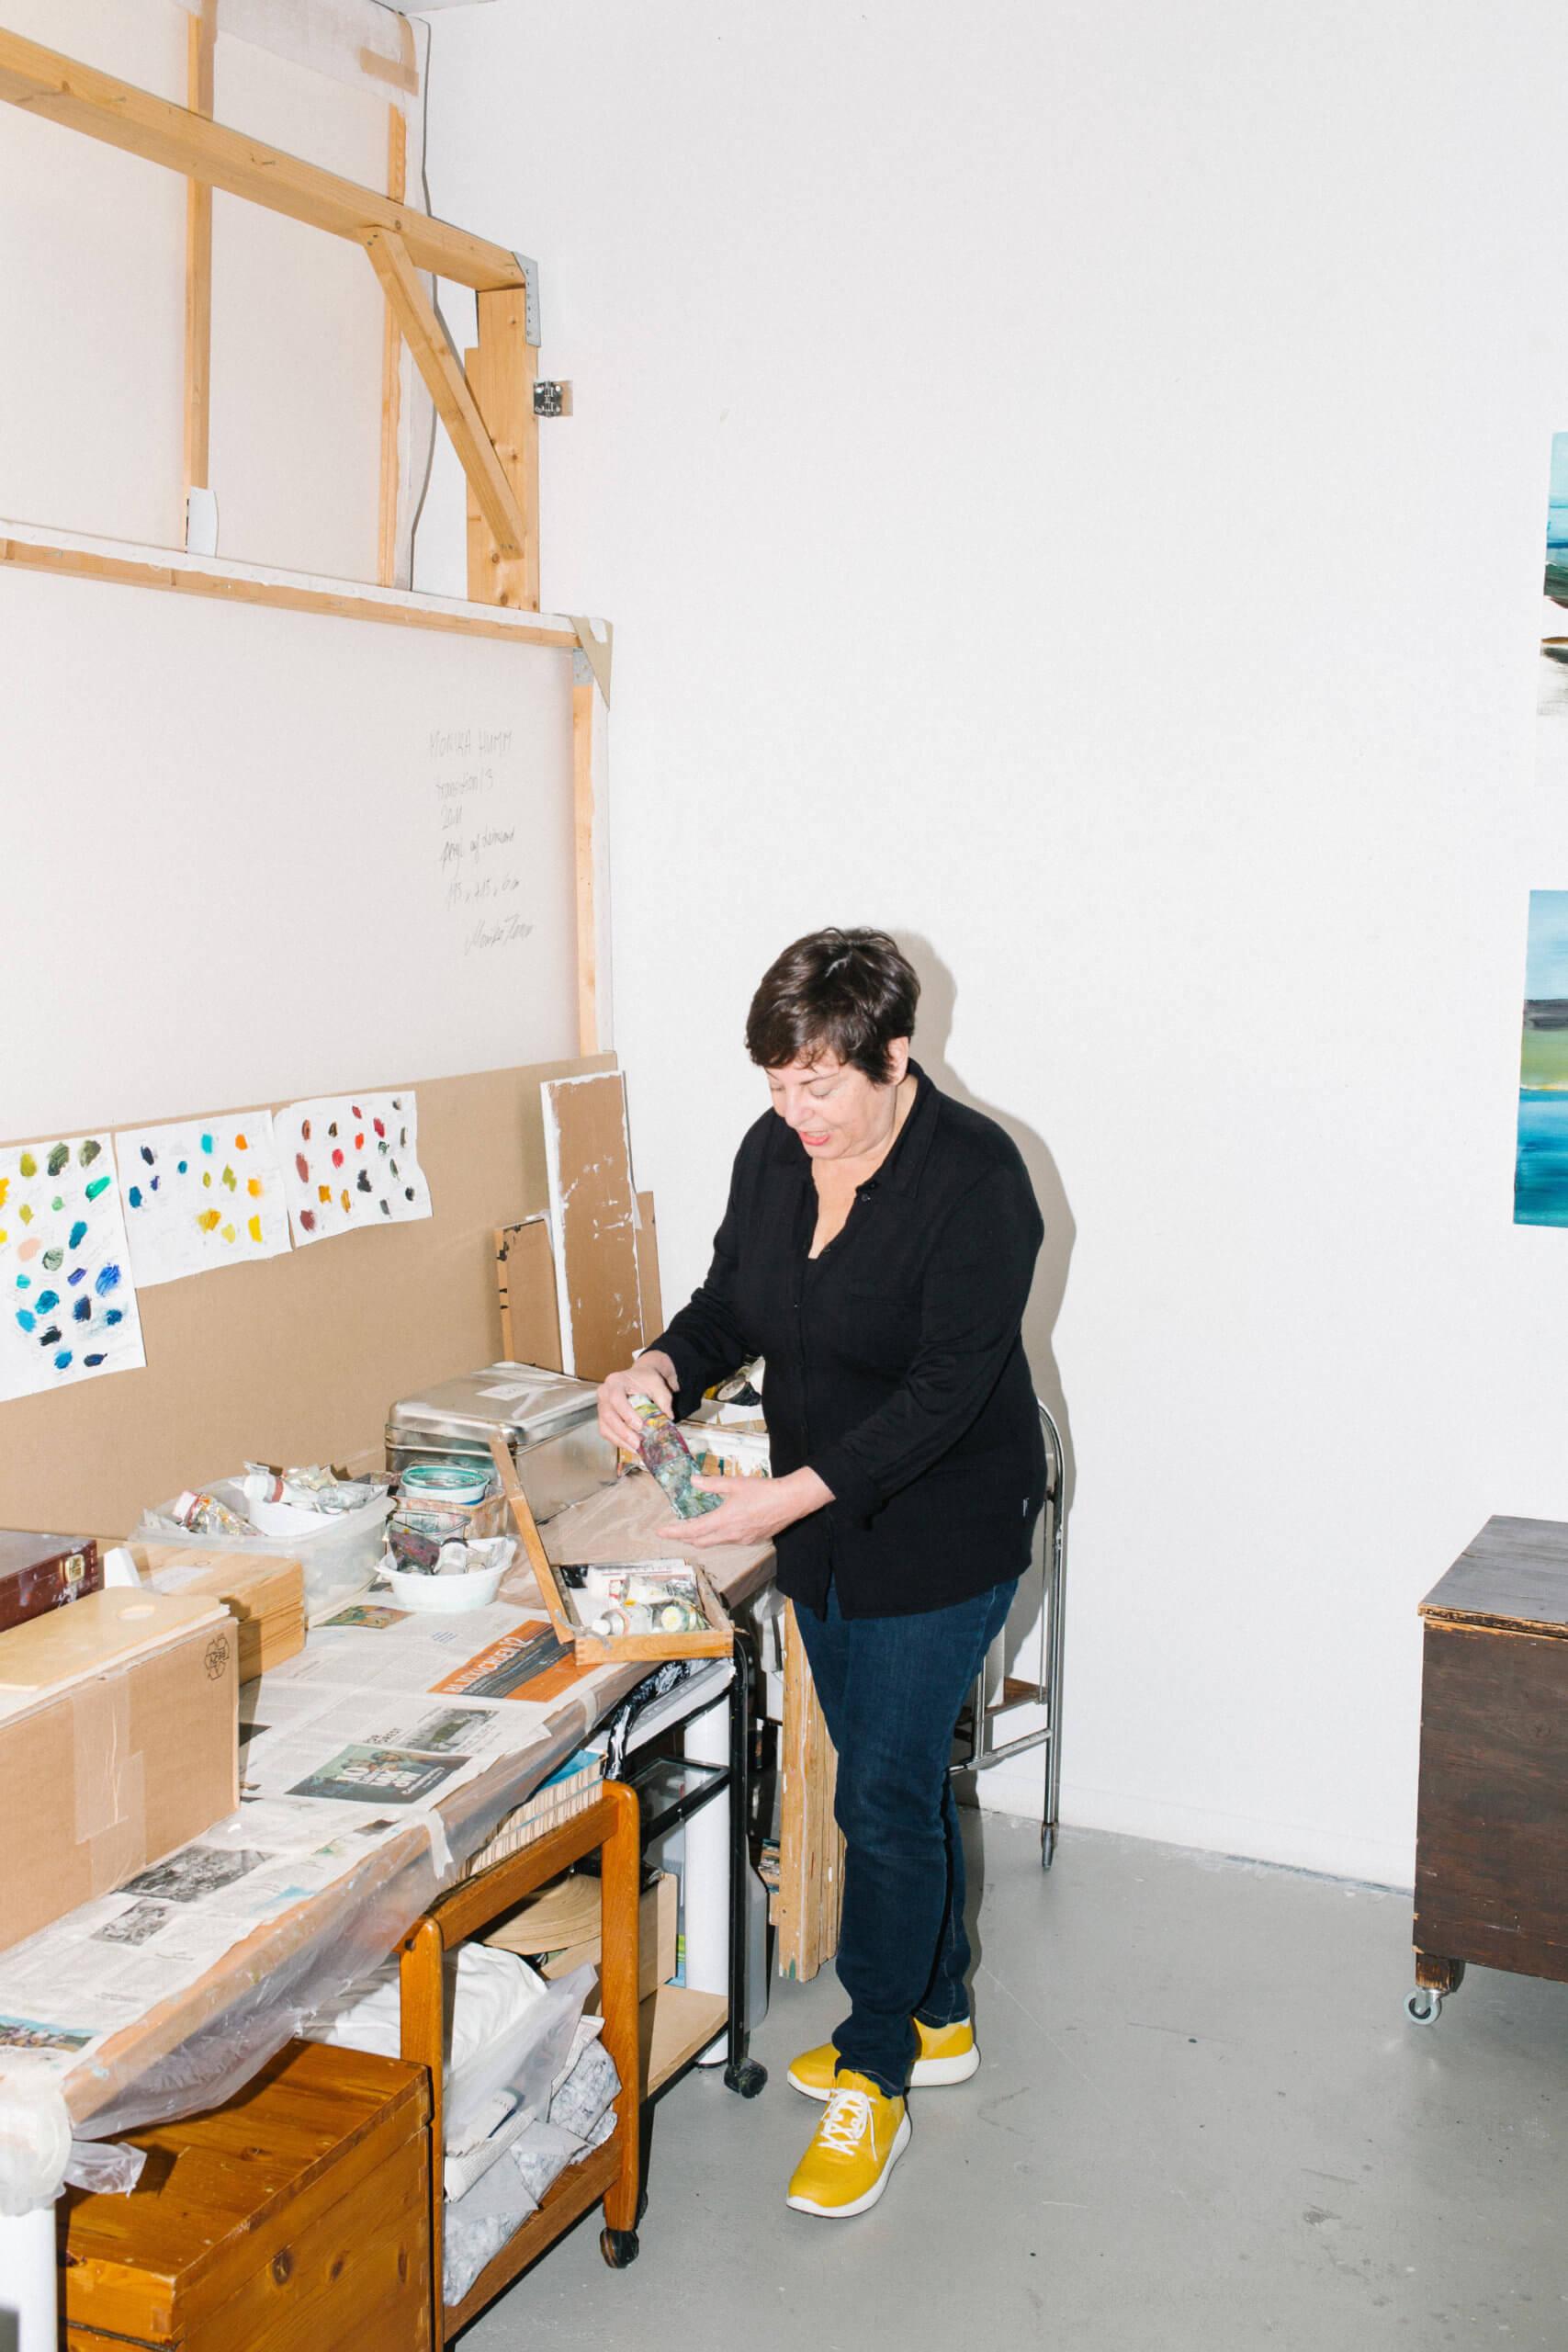 Monika HUmmm steht in ihrem Atelier und bereitet Fraben vor.